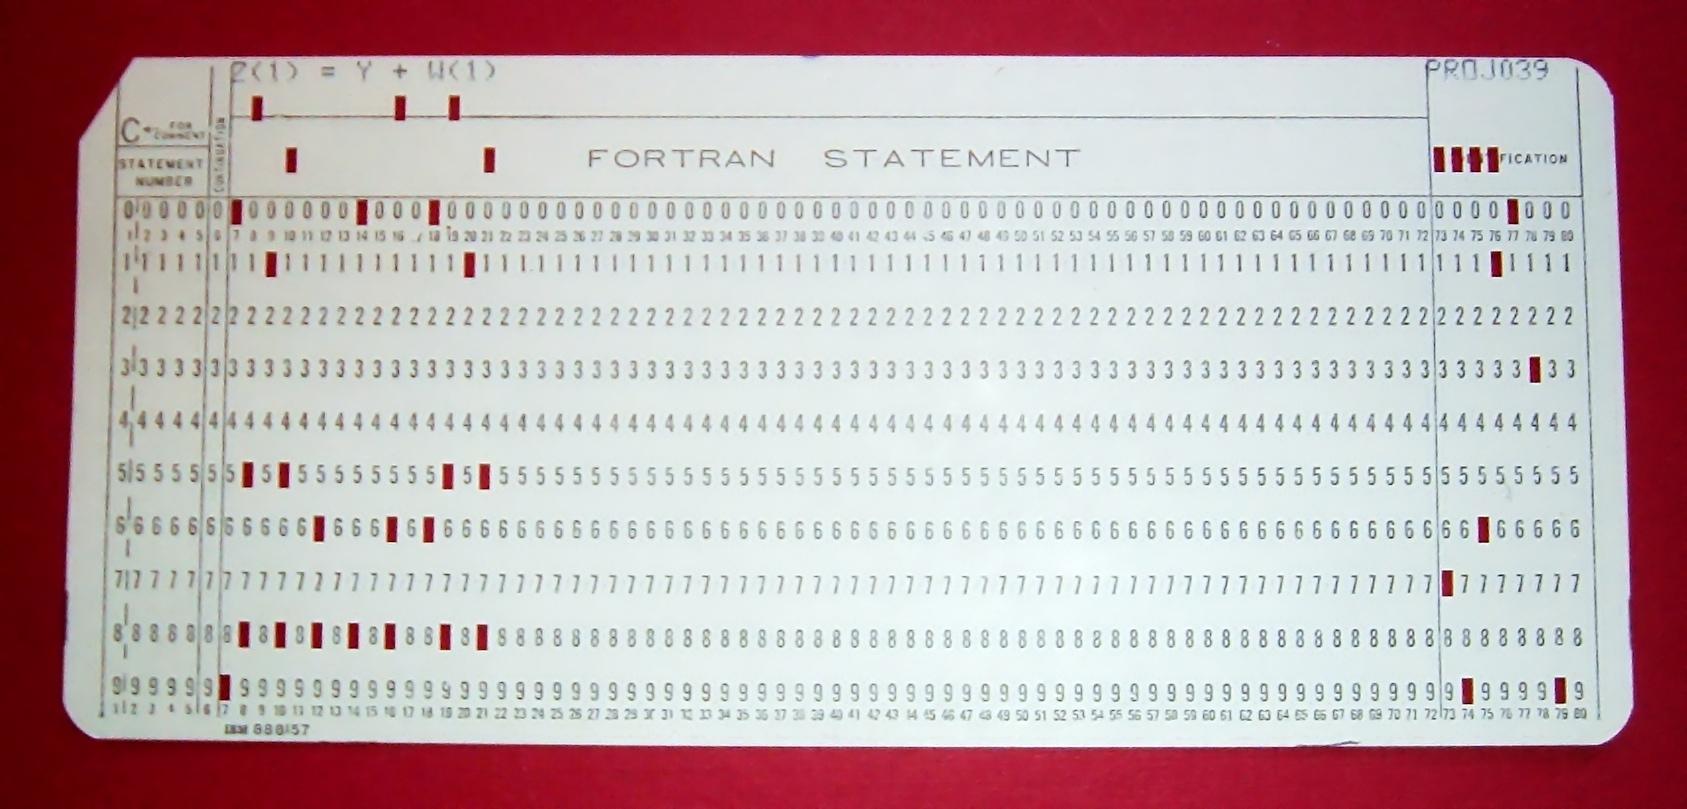 FORTRAN punch sheet